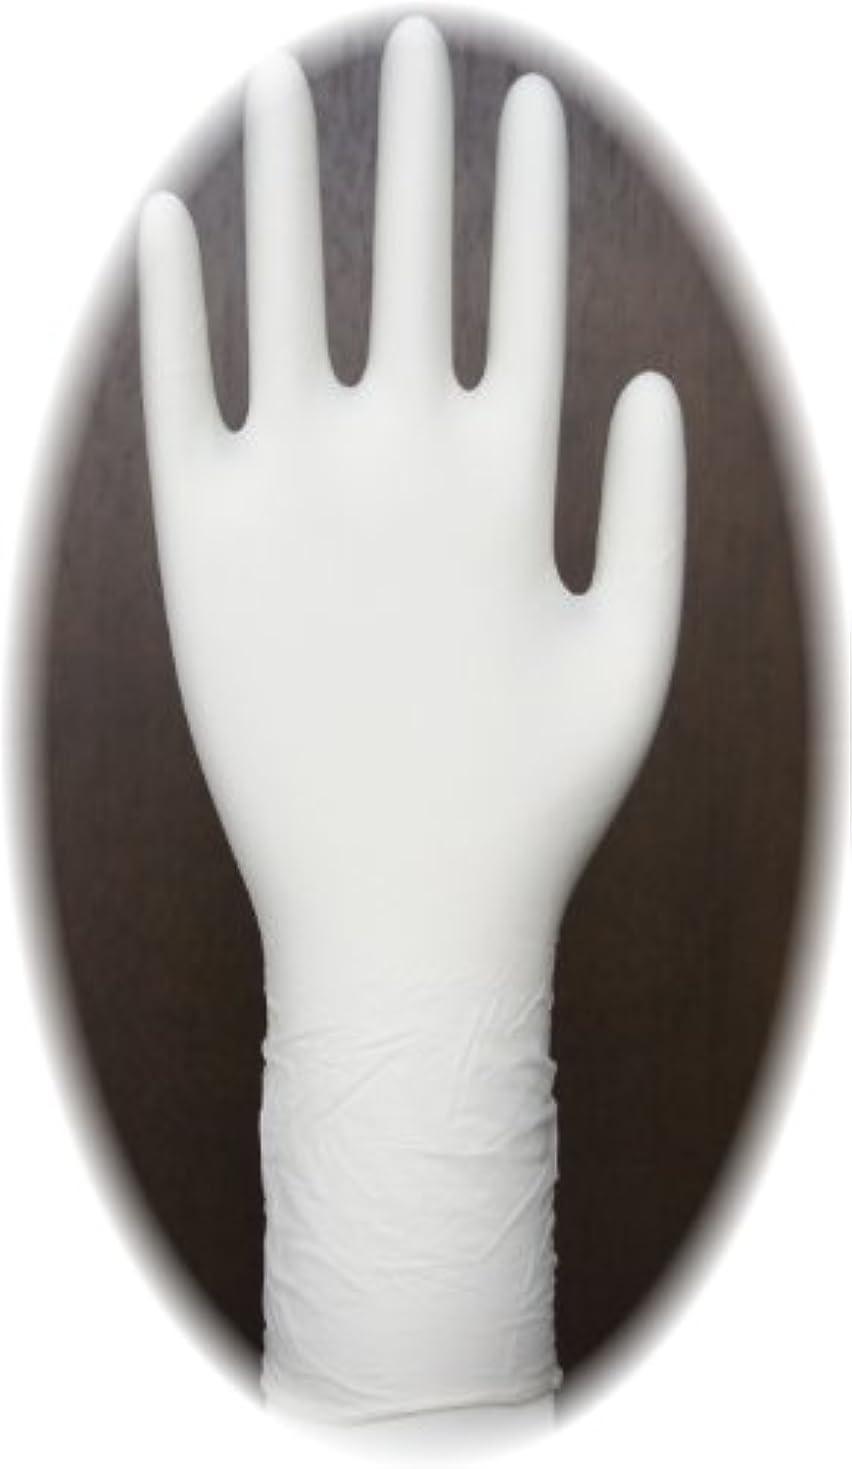 三高サプライ ニトリル手袋 クラス100 クリアグリップ ロング(半透明) GN09 100枚入り M